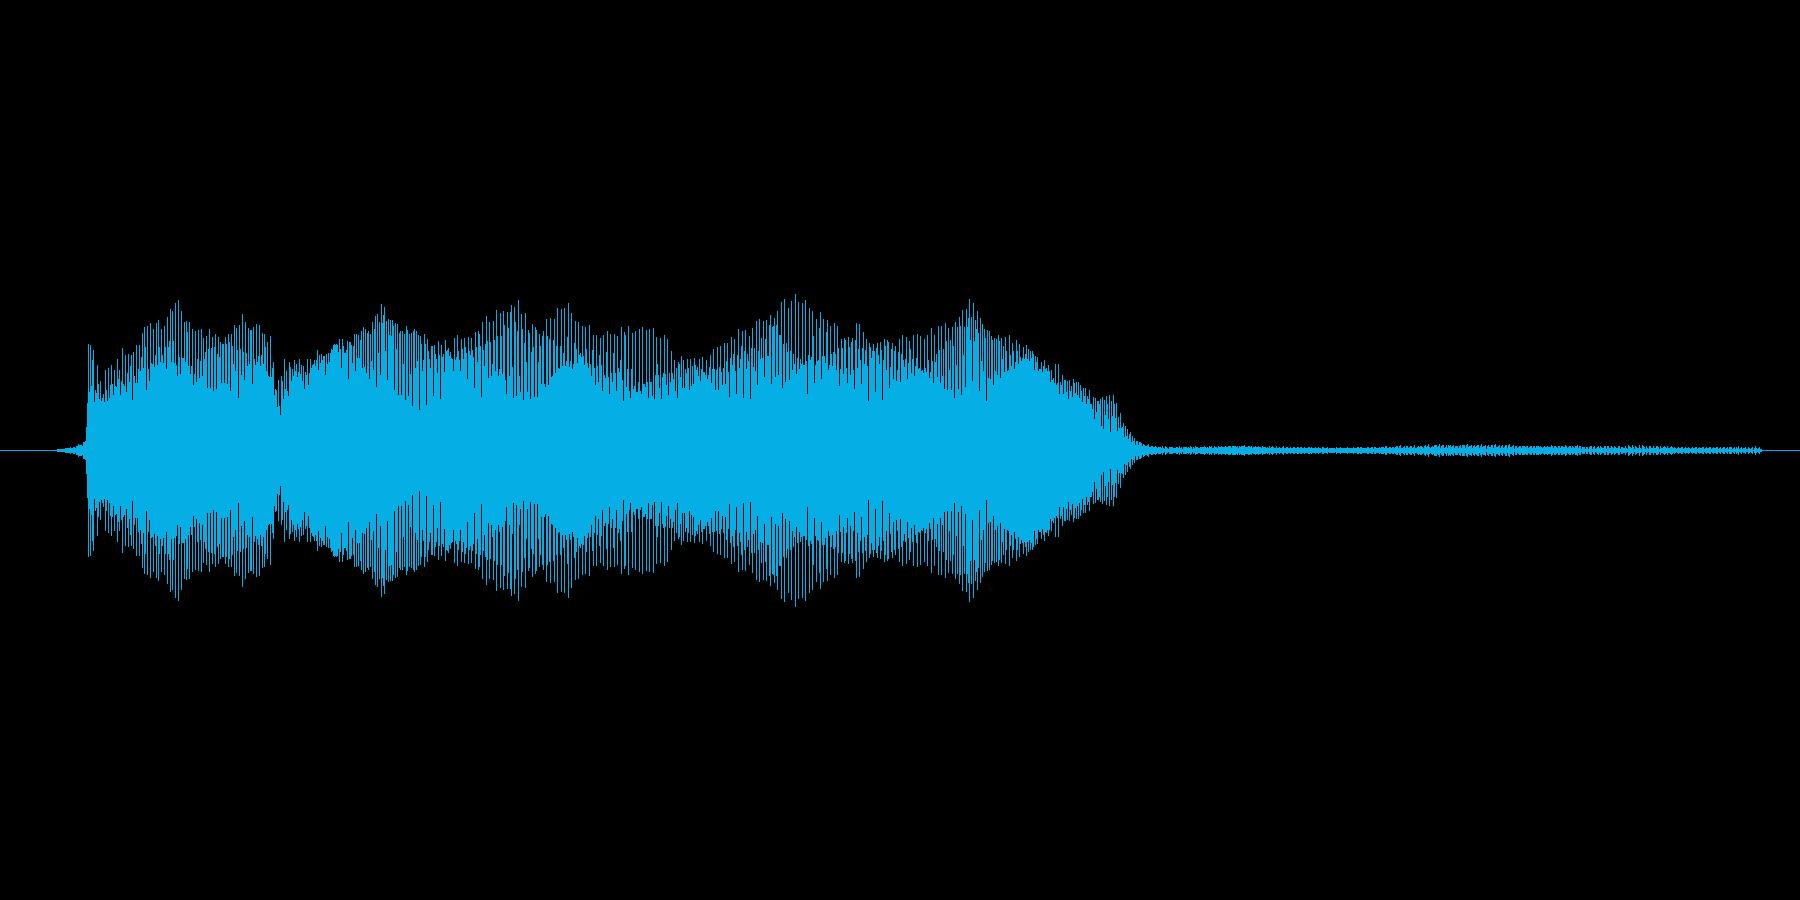 ゲーム、クイズ(ピンポン音)_011の再生済みの波形